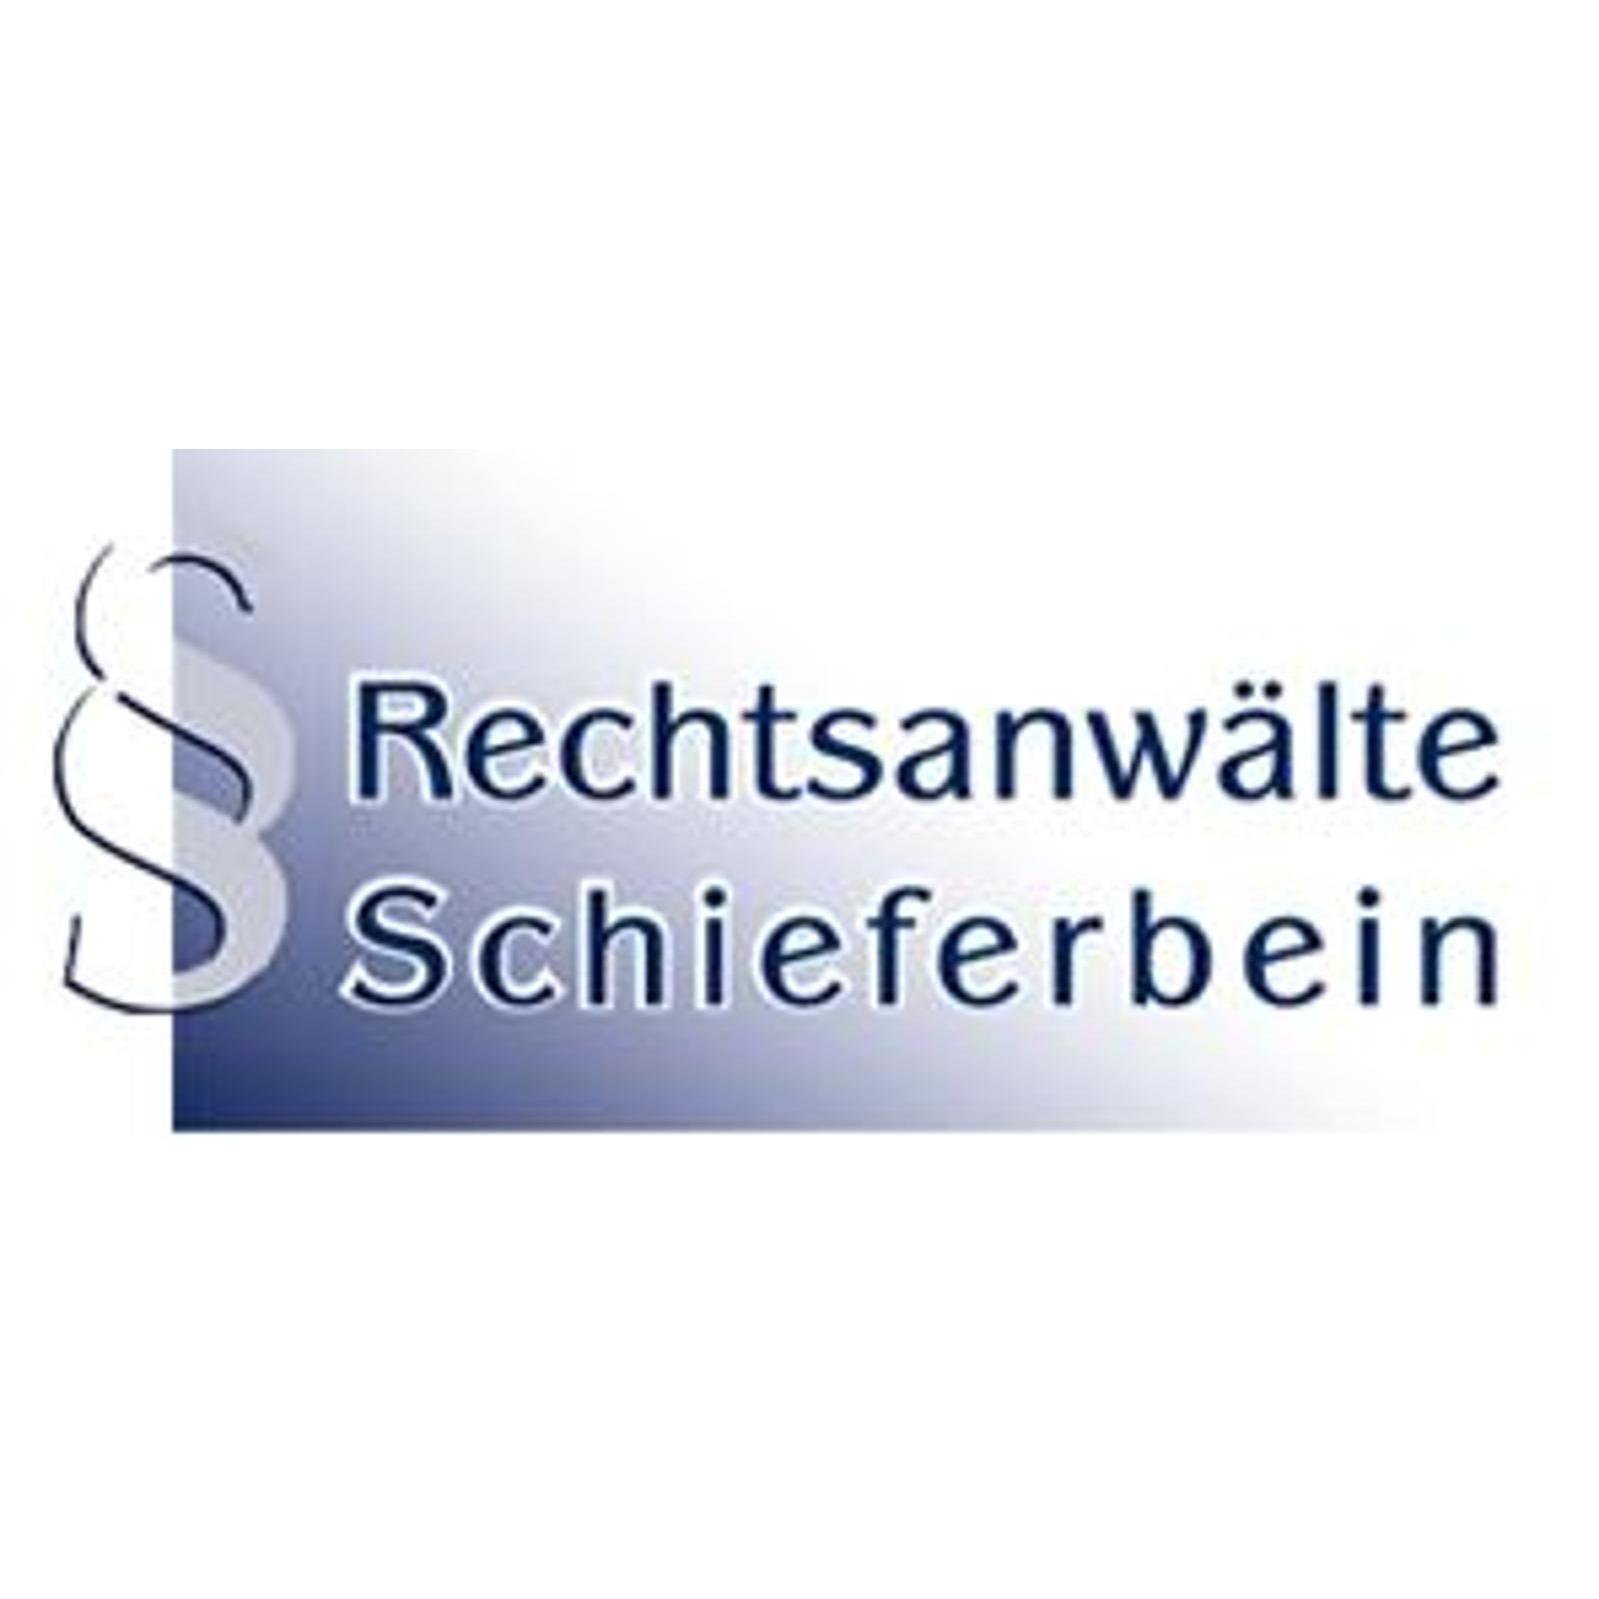 Rechtsanwalt und Fachanwalt für Erbrecht Andreas Schieferbein Kösching